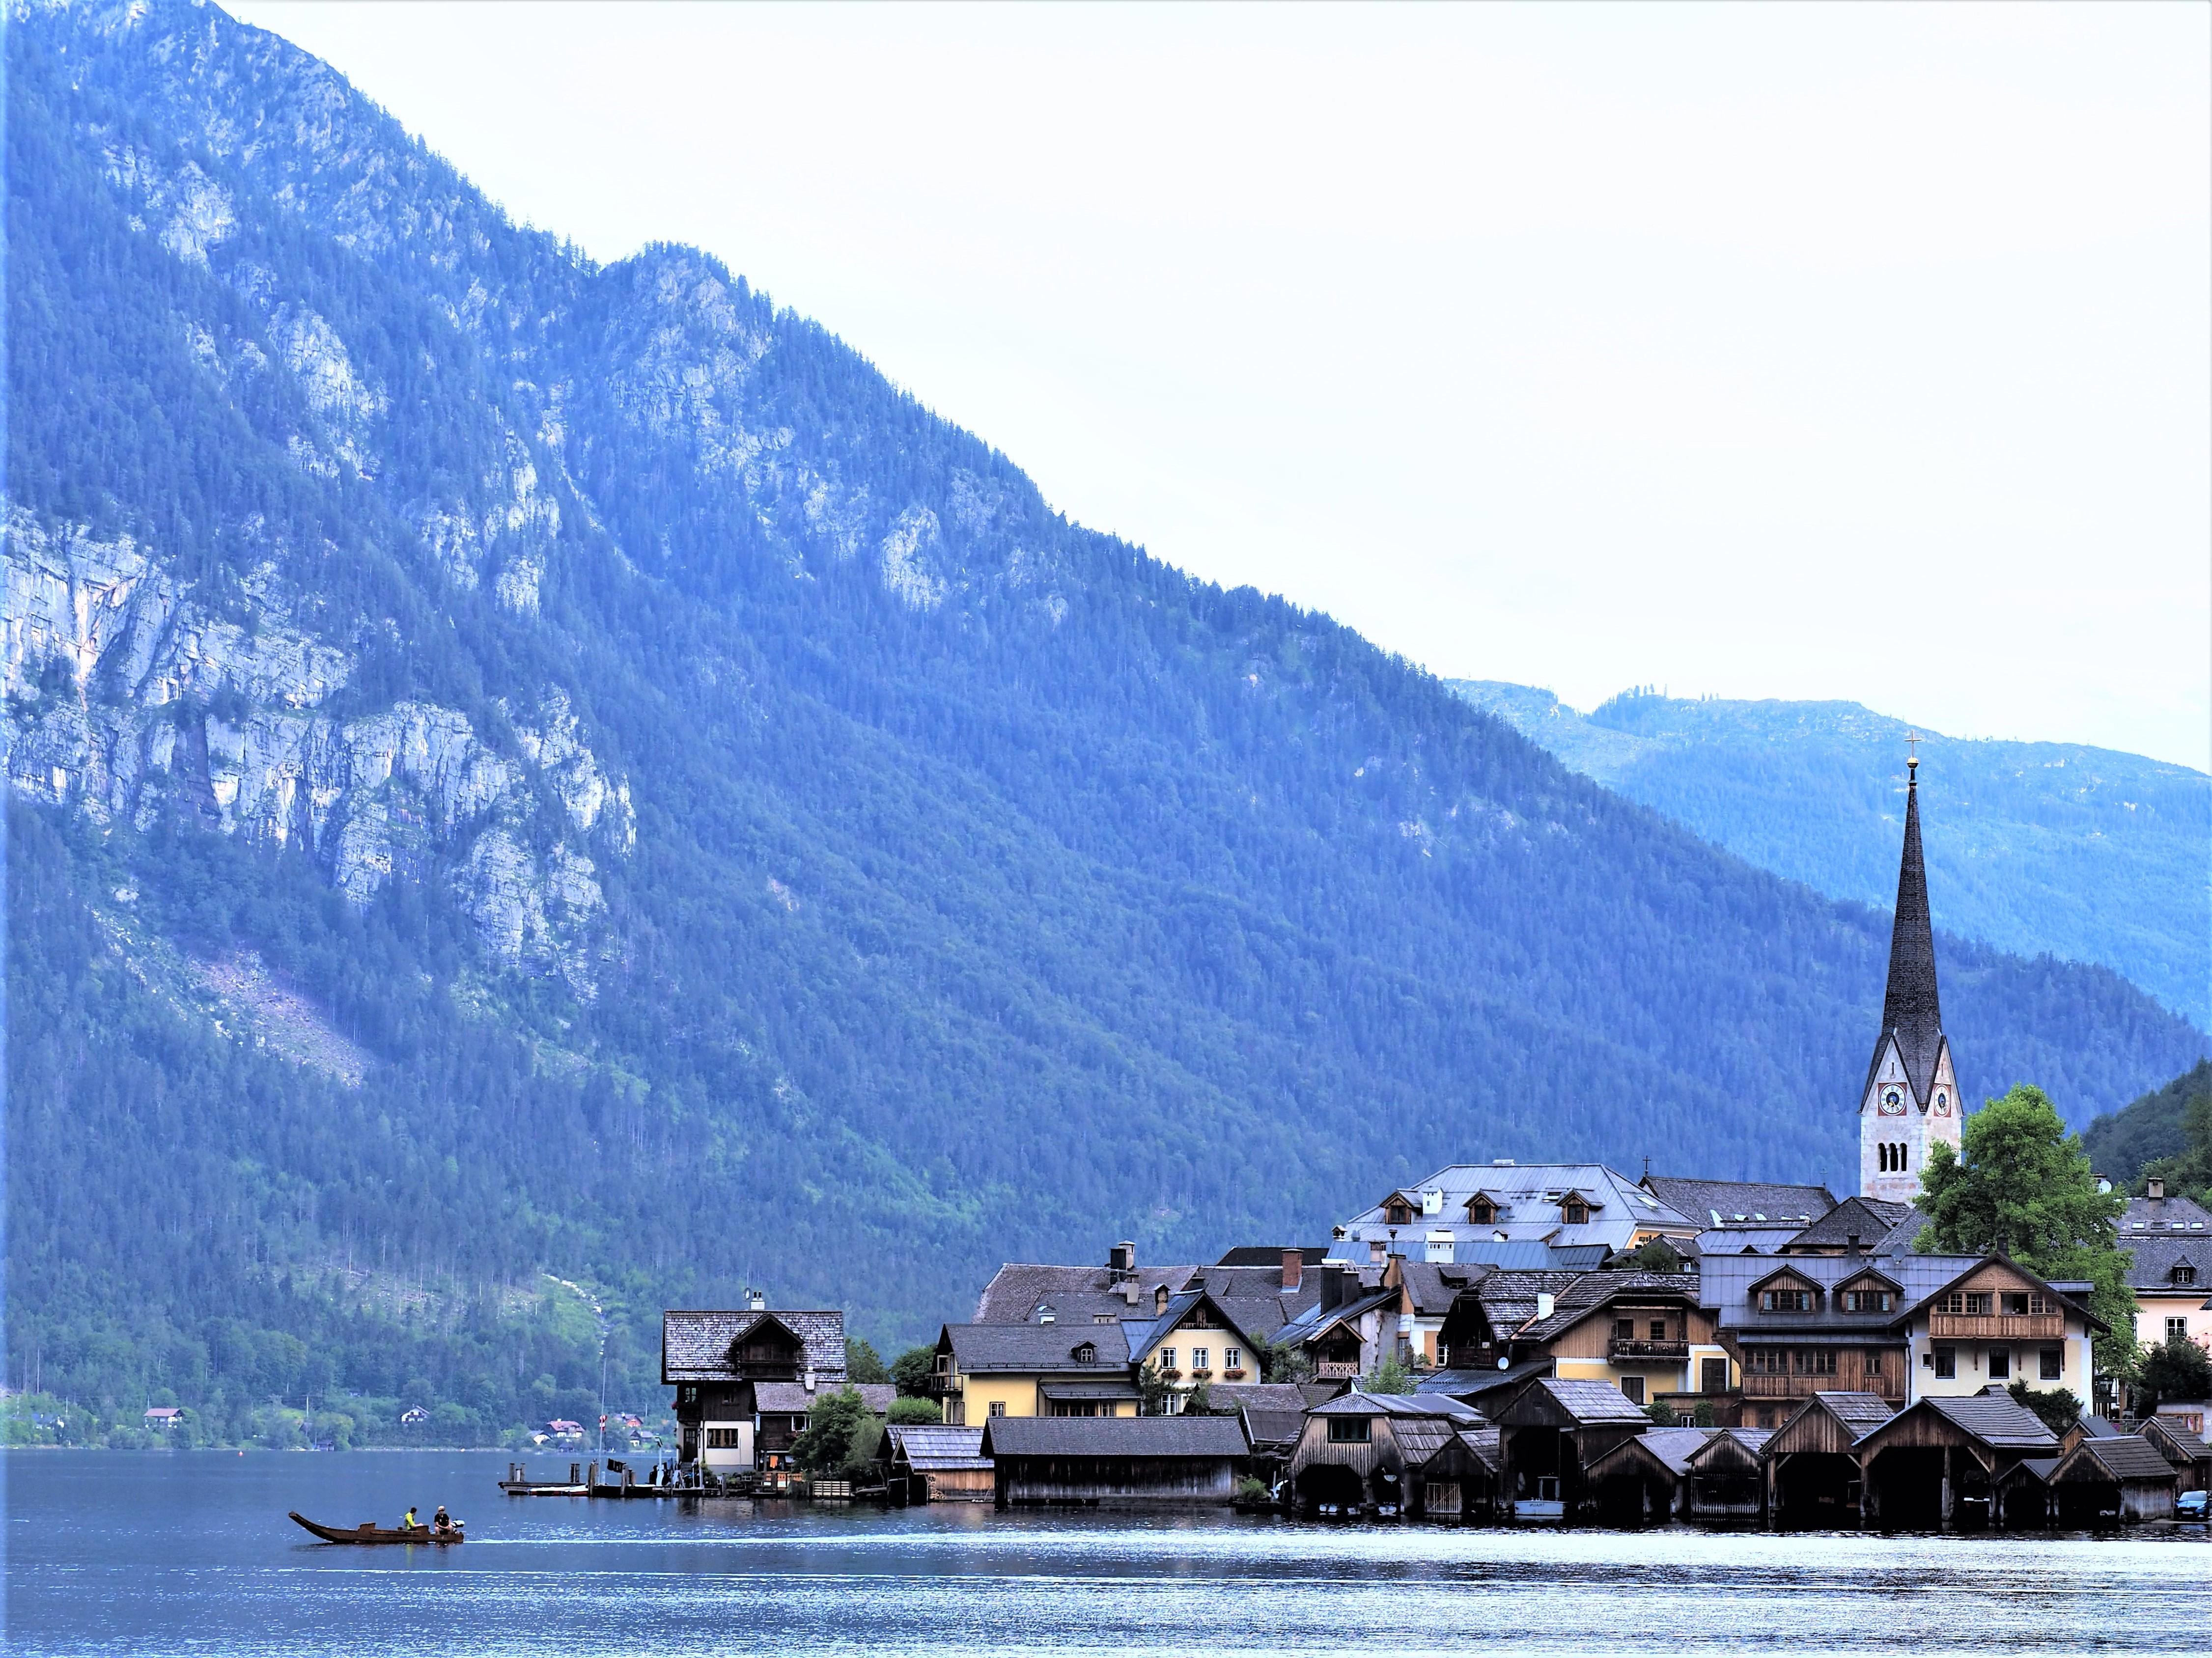 Hallstatt-autriche-blog-voyage-clioandco-conte-de-fees-arendelle-reine-des-neige